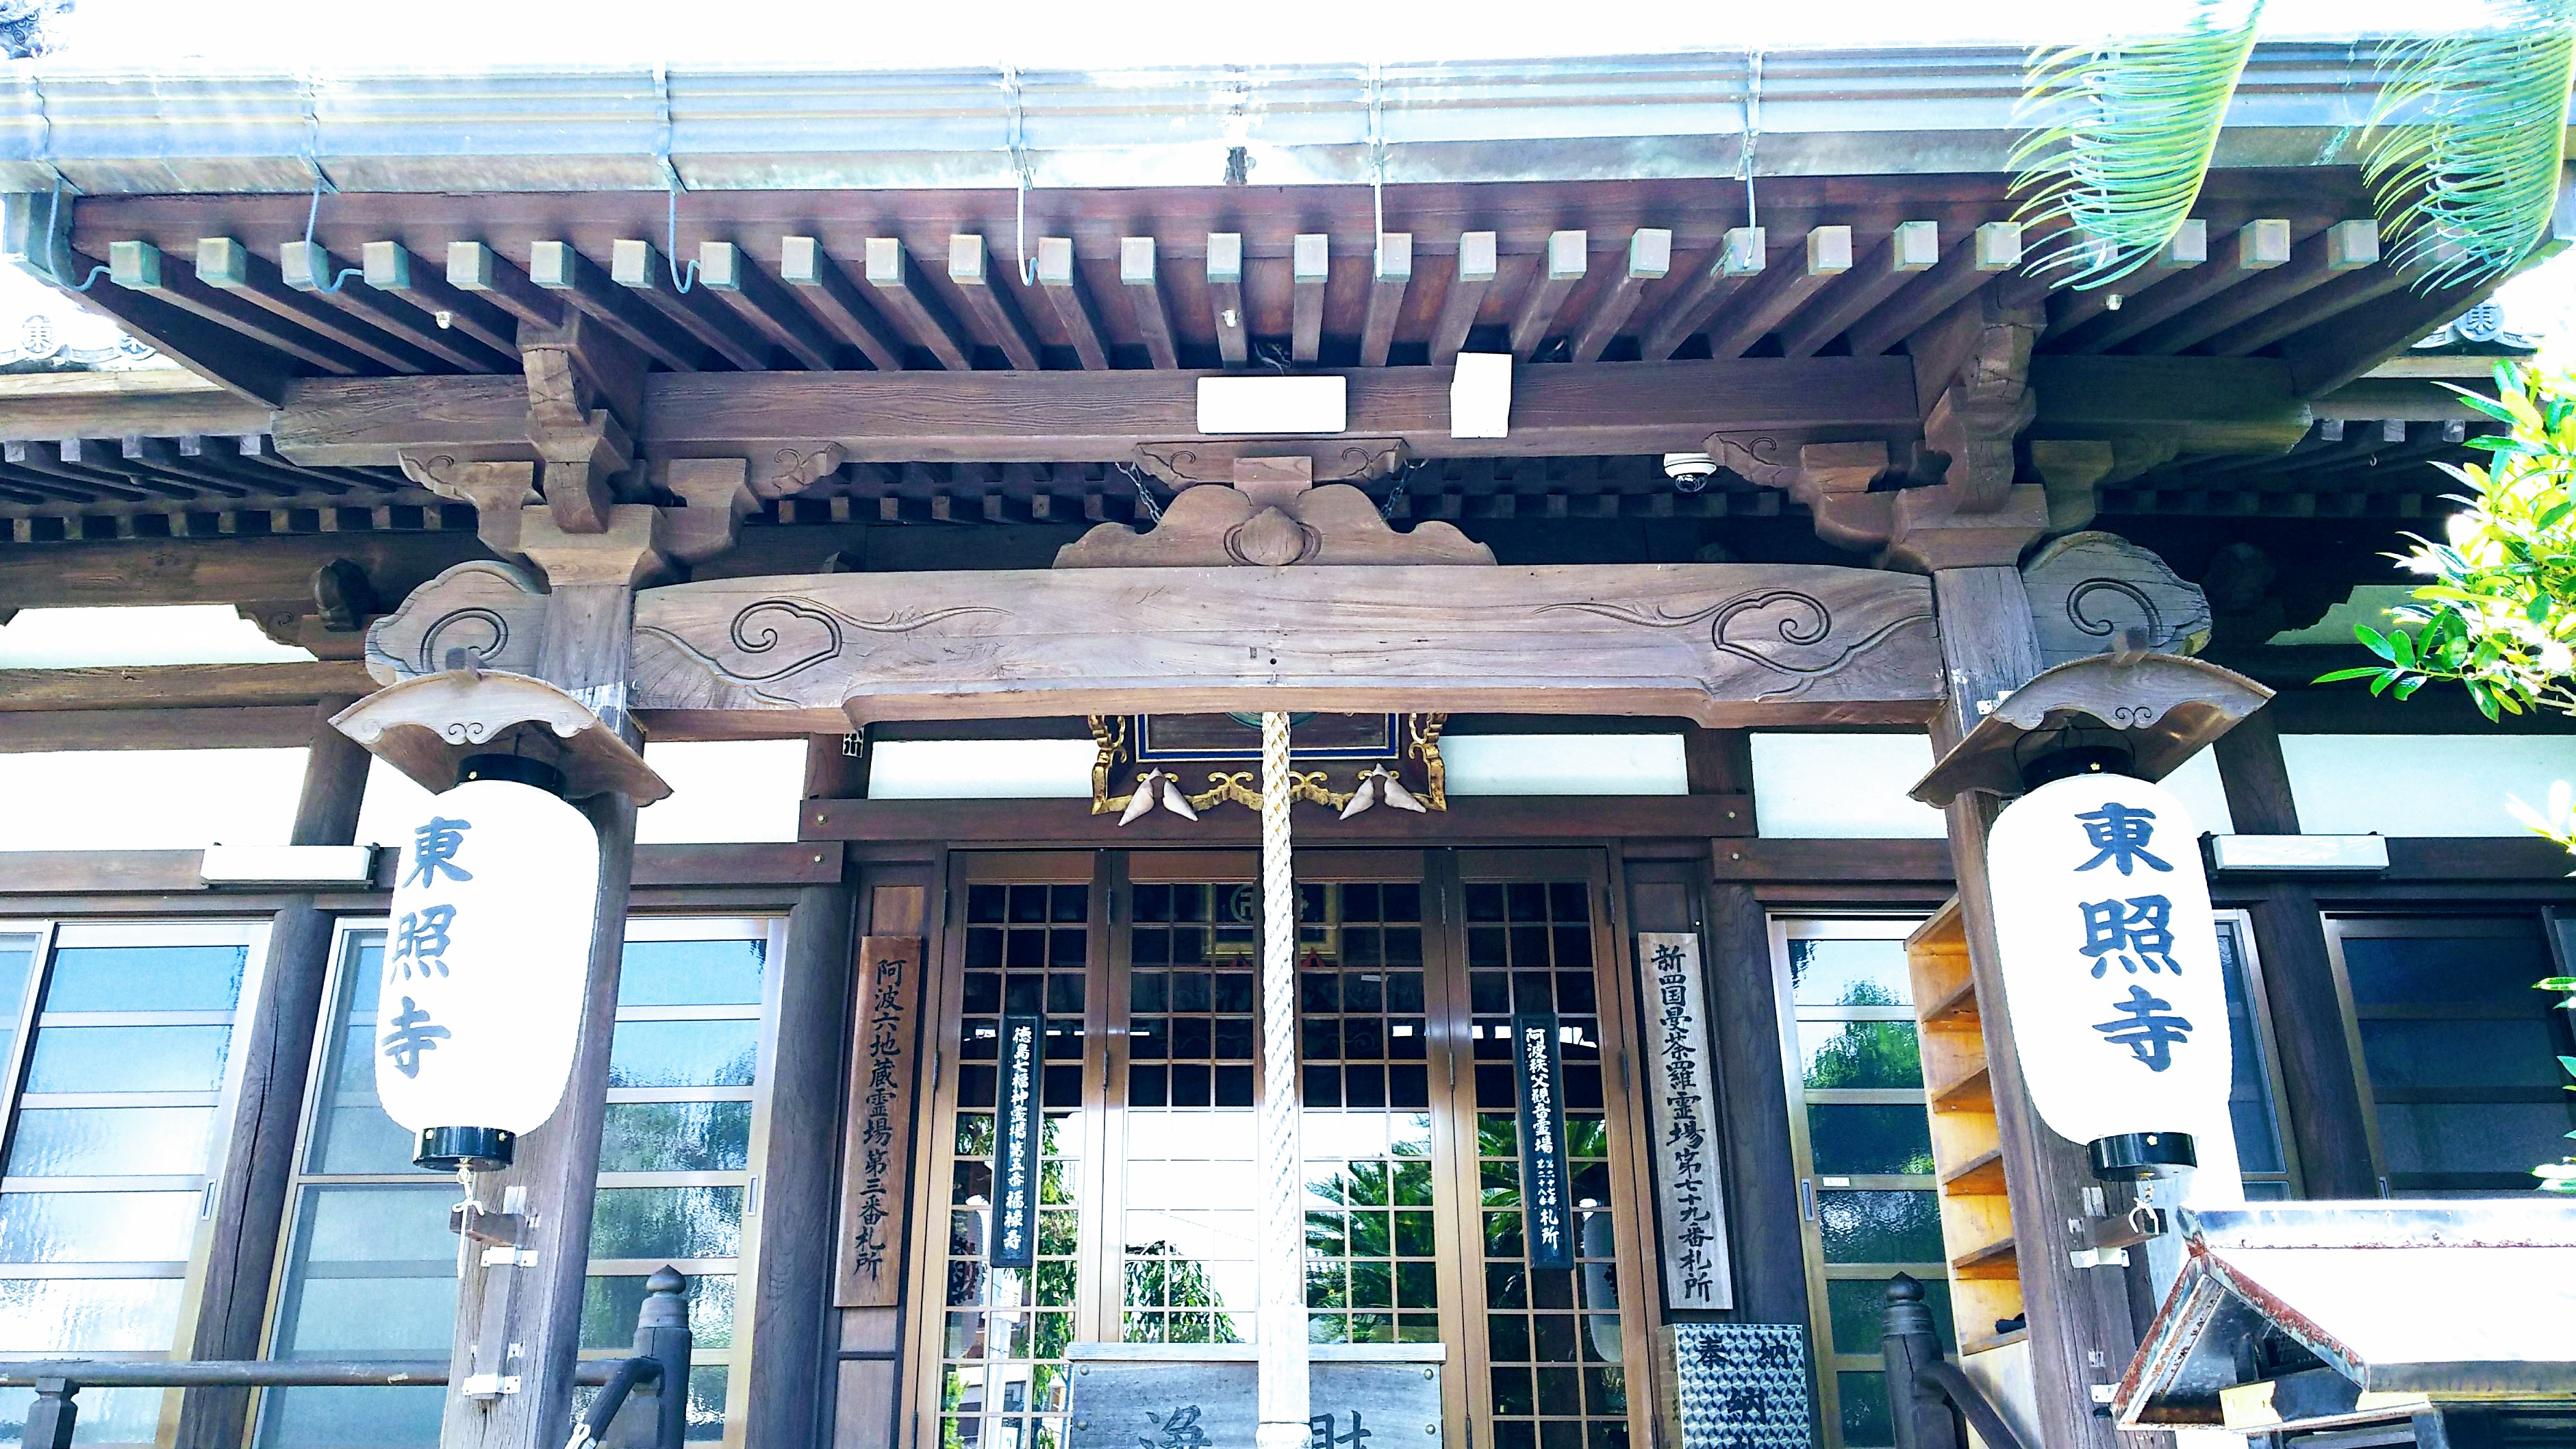 徳島県徳島市|東照寺は重要文化財の地蔵菩薩像と複数の御朱印がある ...